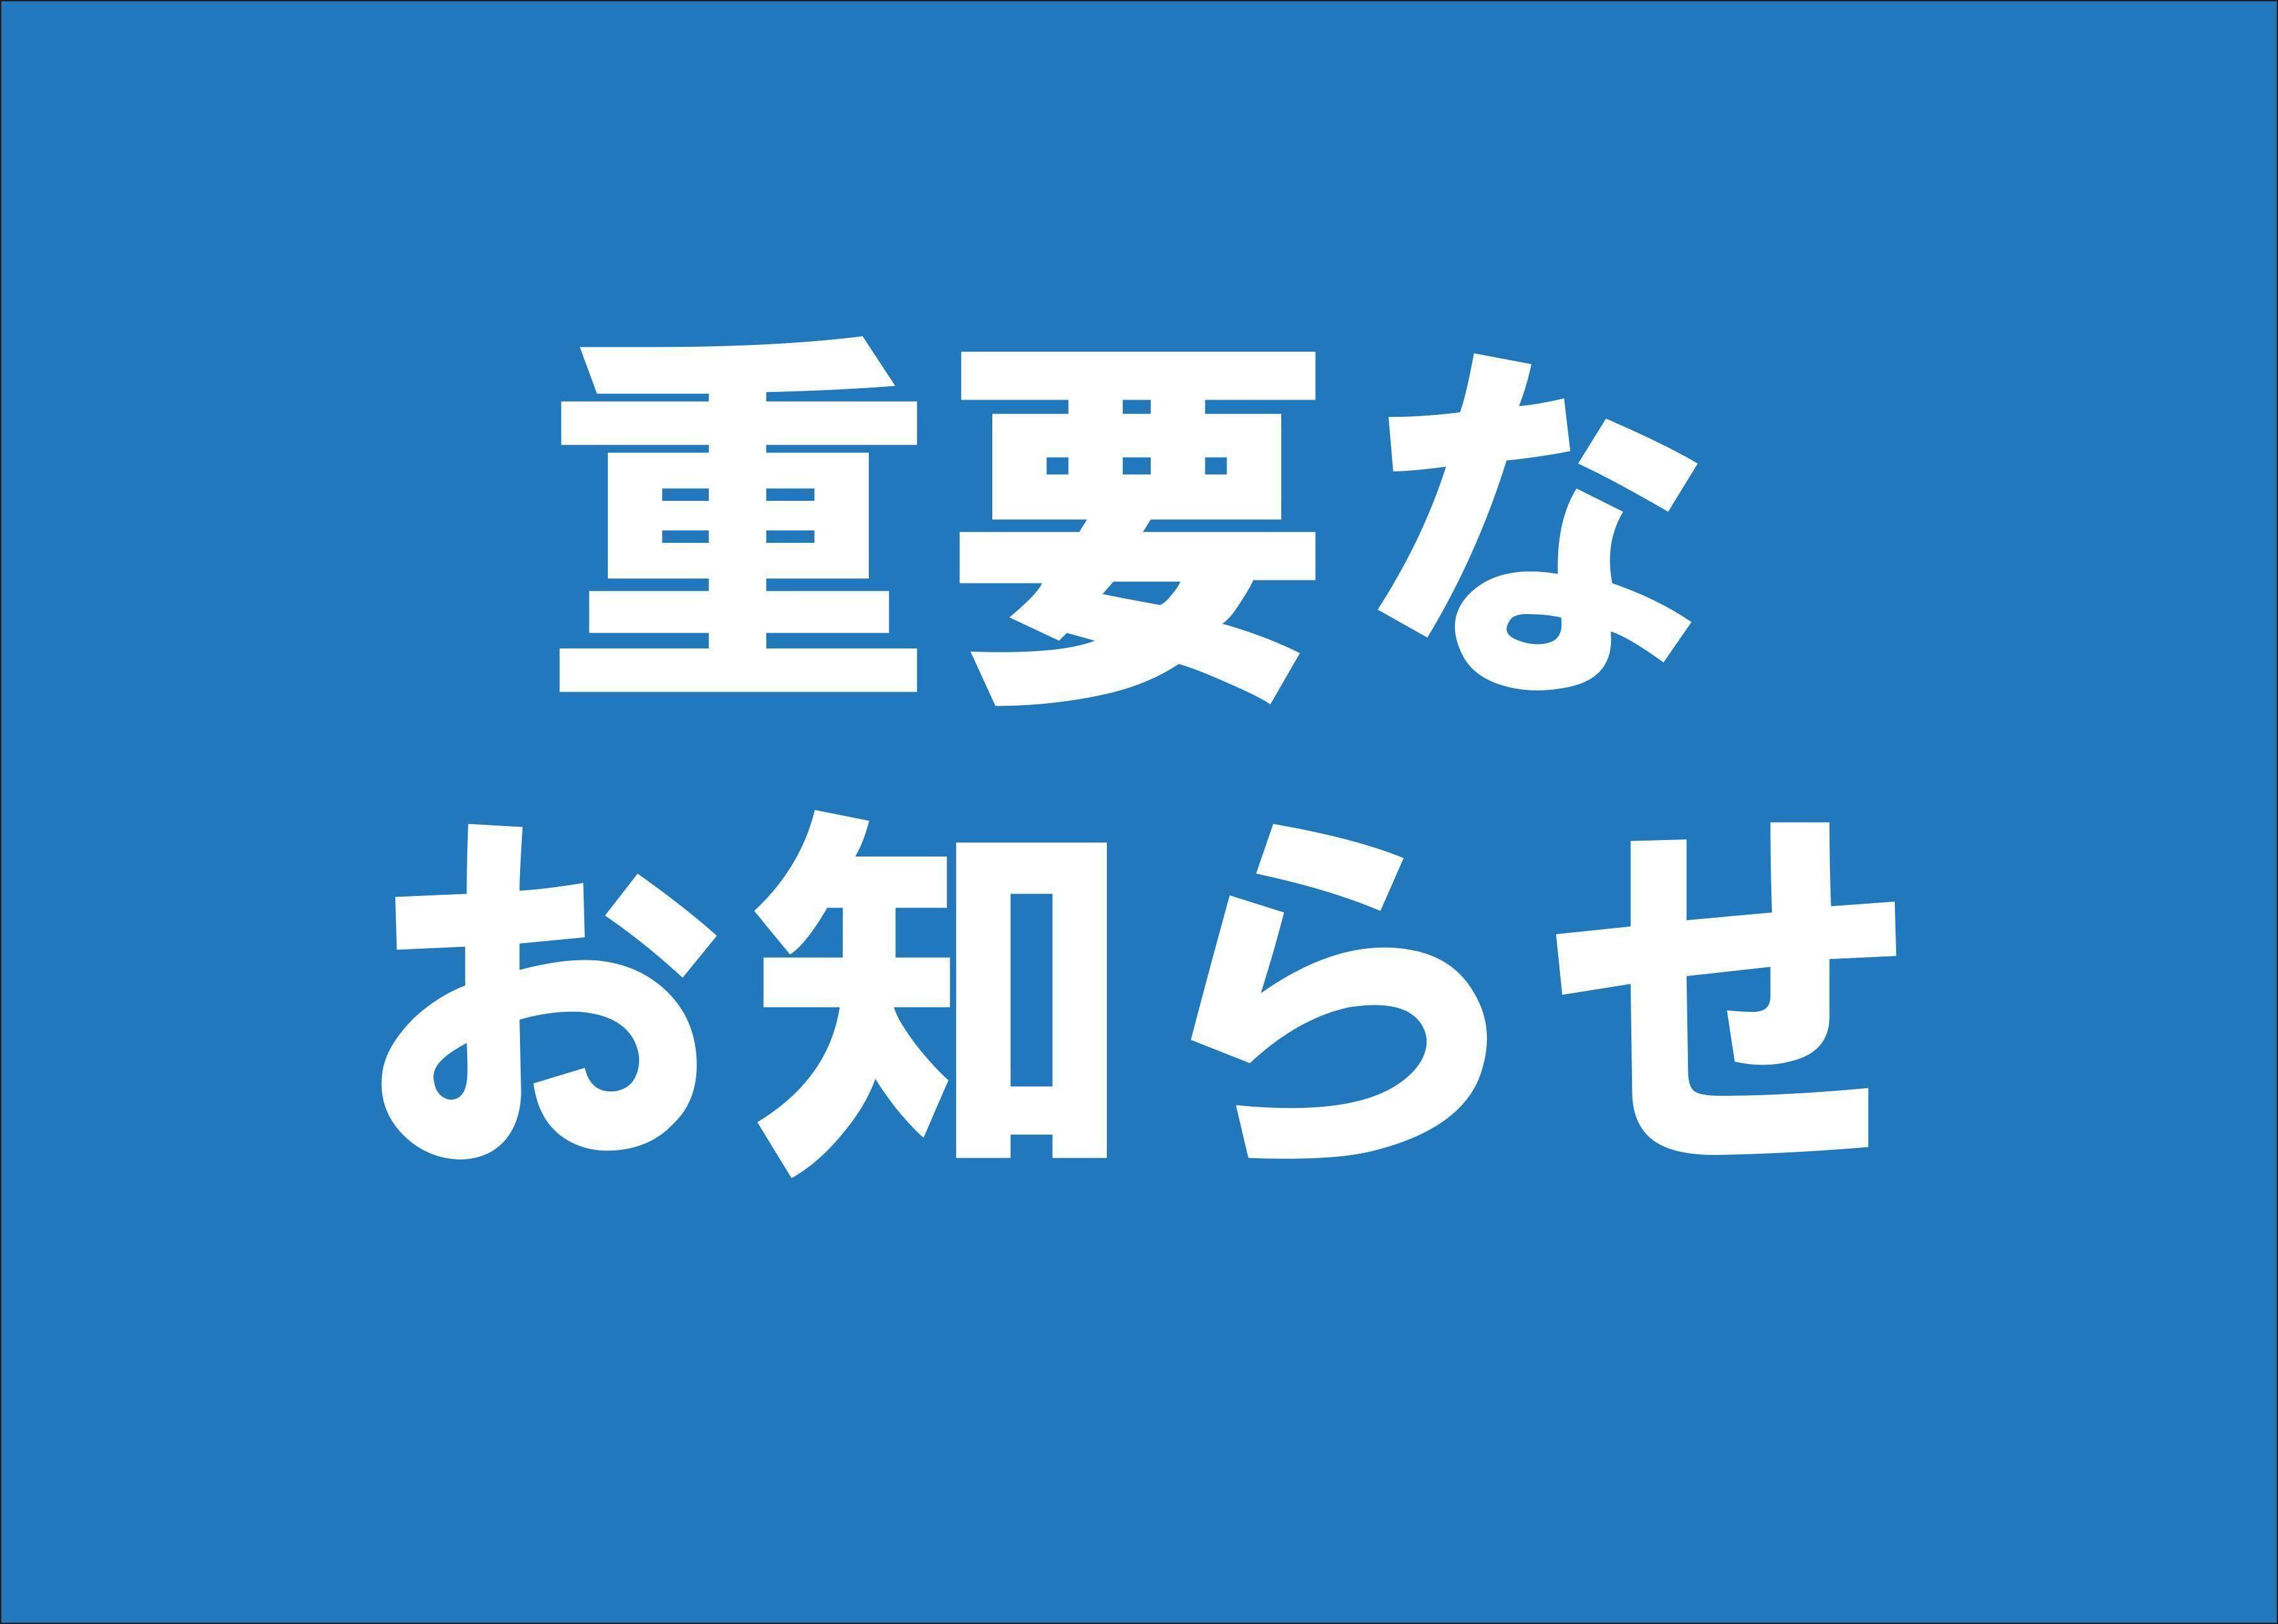 群馬県緊急事態宣言延長に伴うレストラン及び付帯施設営業内容変更のお知らせ